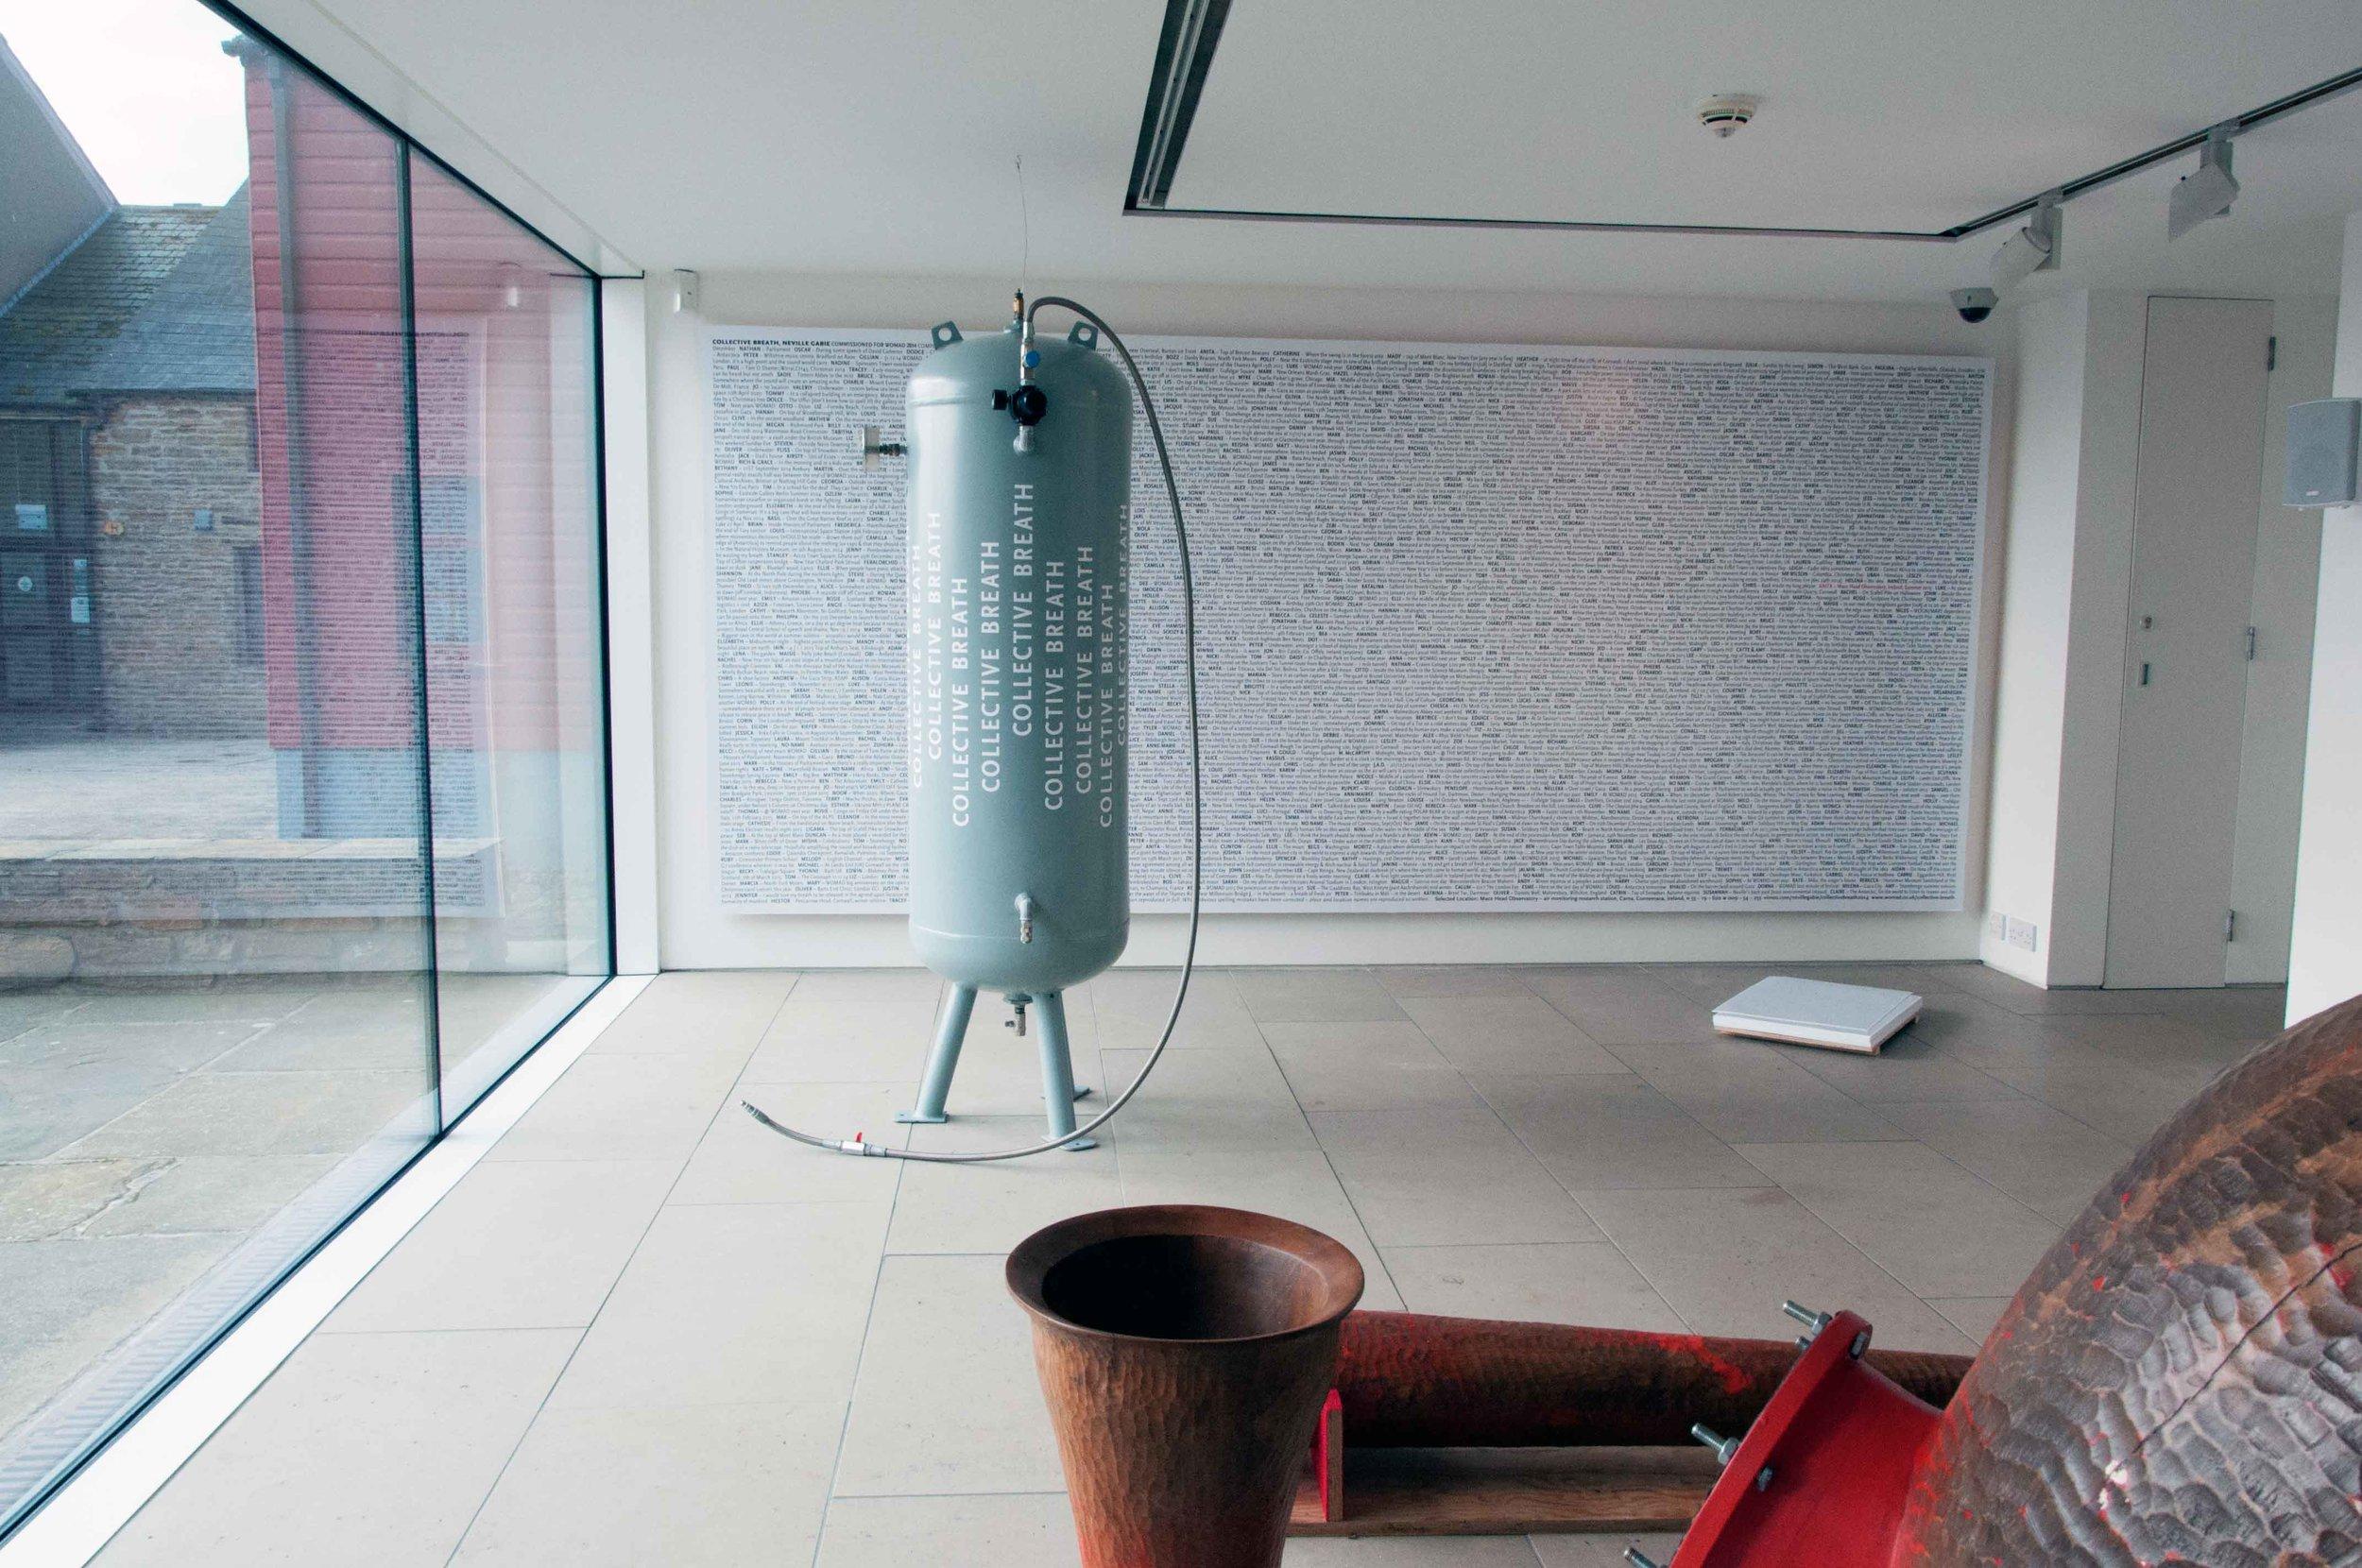 Neville-Gabie-Collective-Breath-Exhibition-II-View.jpg